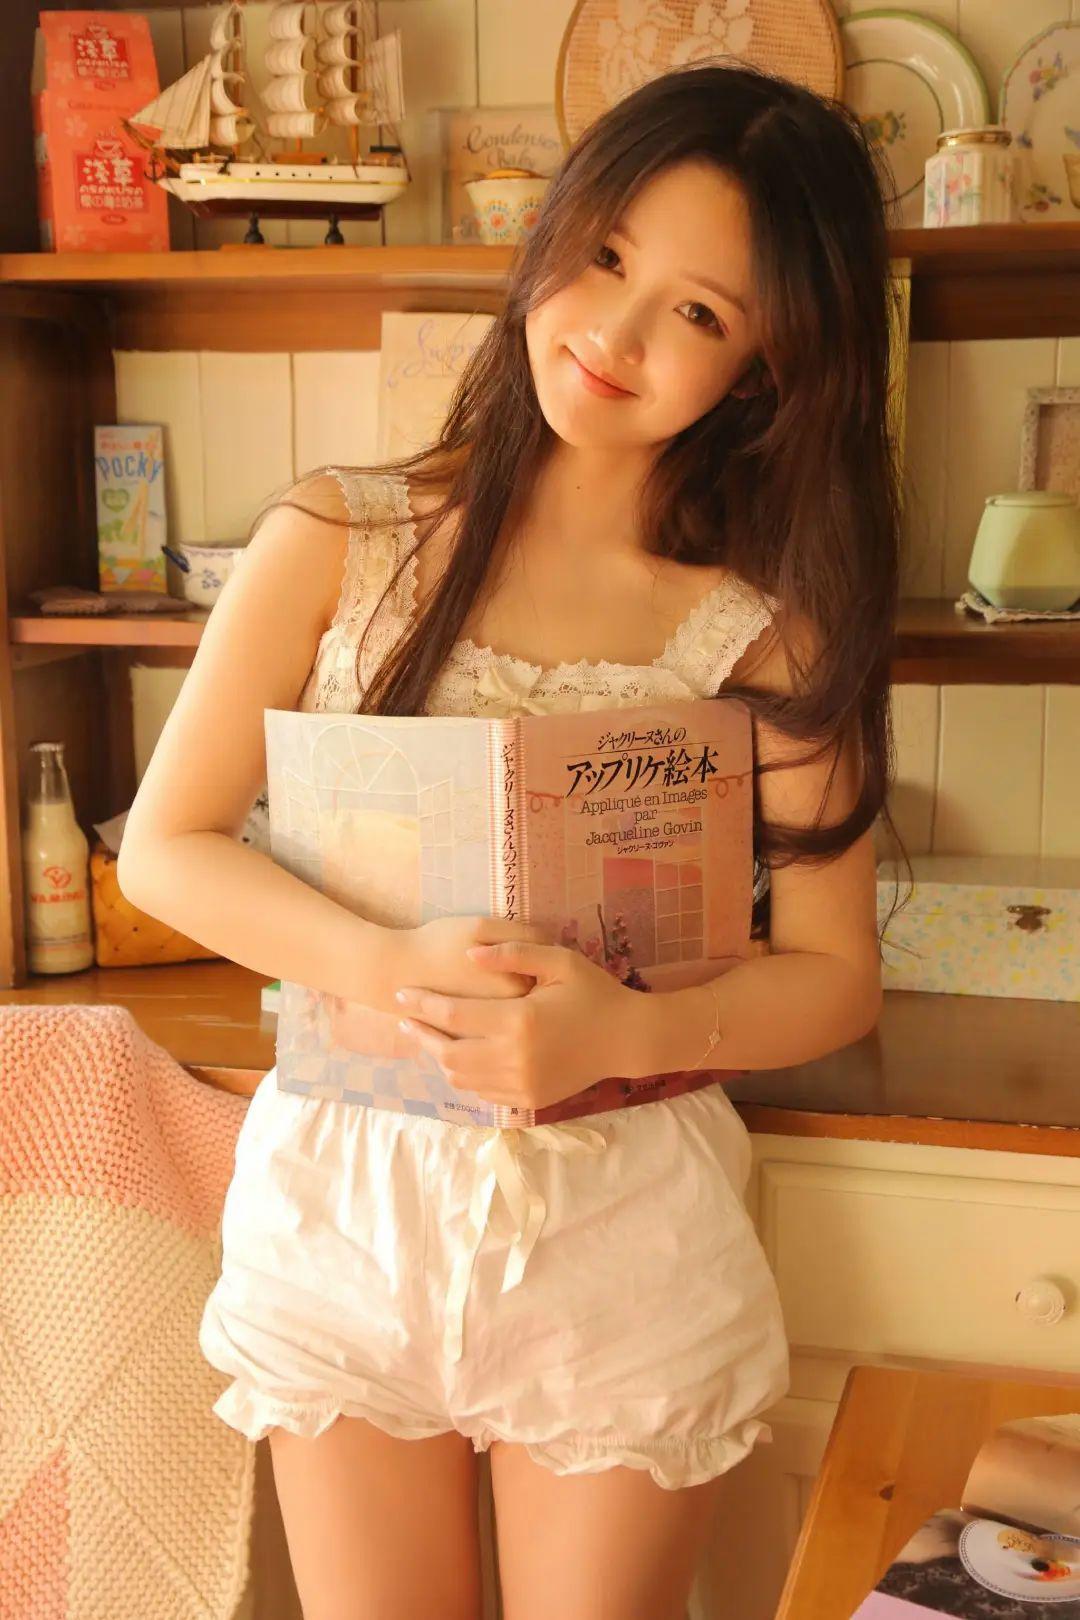 少女写真 – 连衣裙清纯可爱美少女_图片 No.6